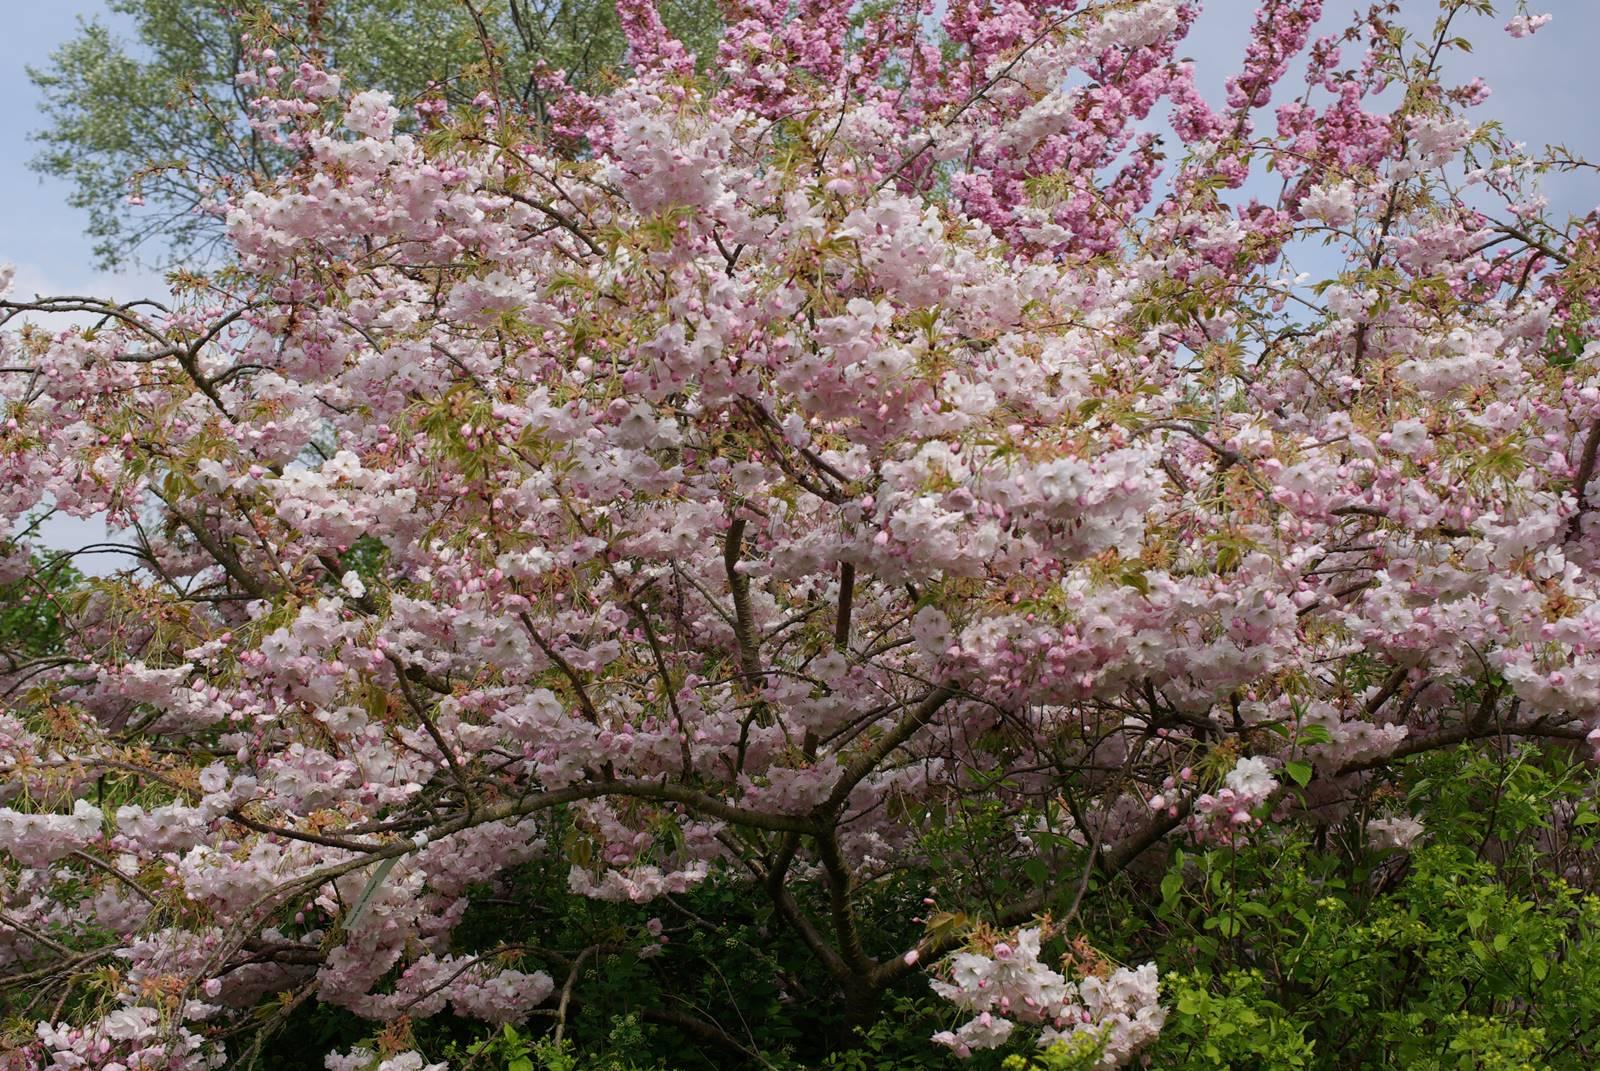 Prunus serrulata Shiro Fugen